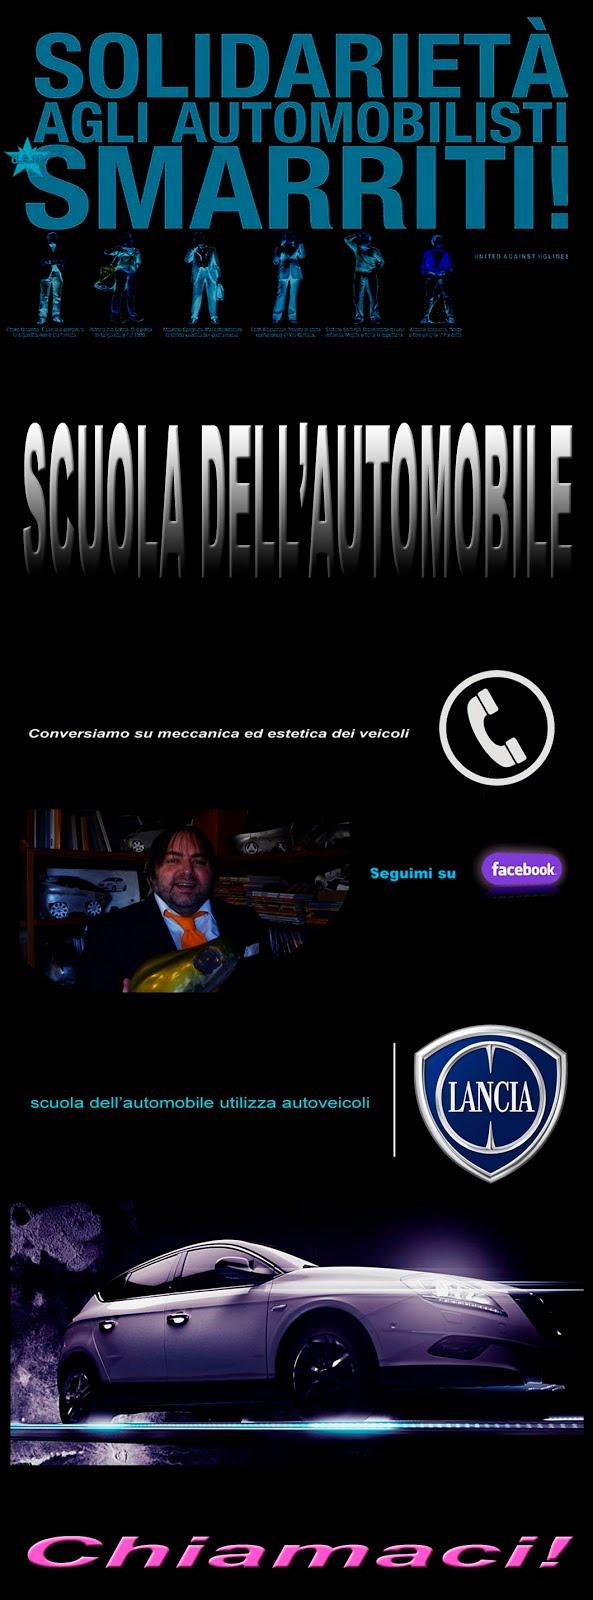 SCUOLA DELL'AUTOMOBILE di Andrea Ciampaglia